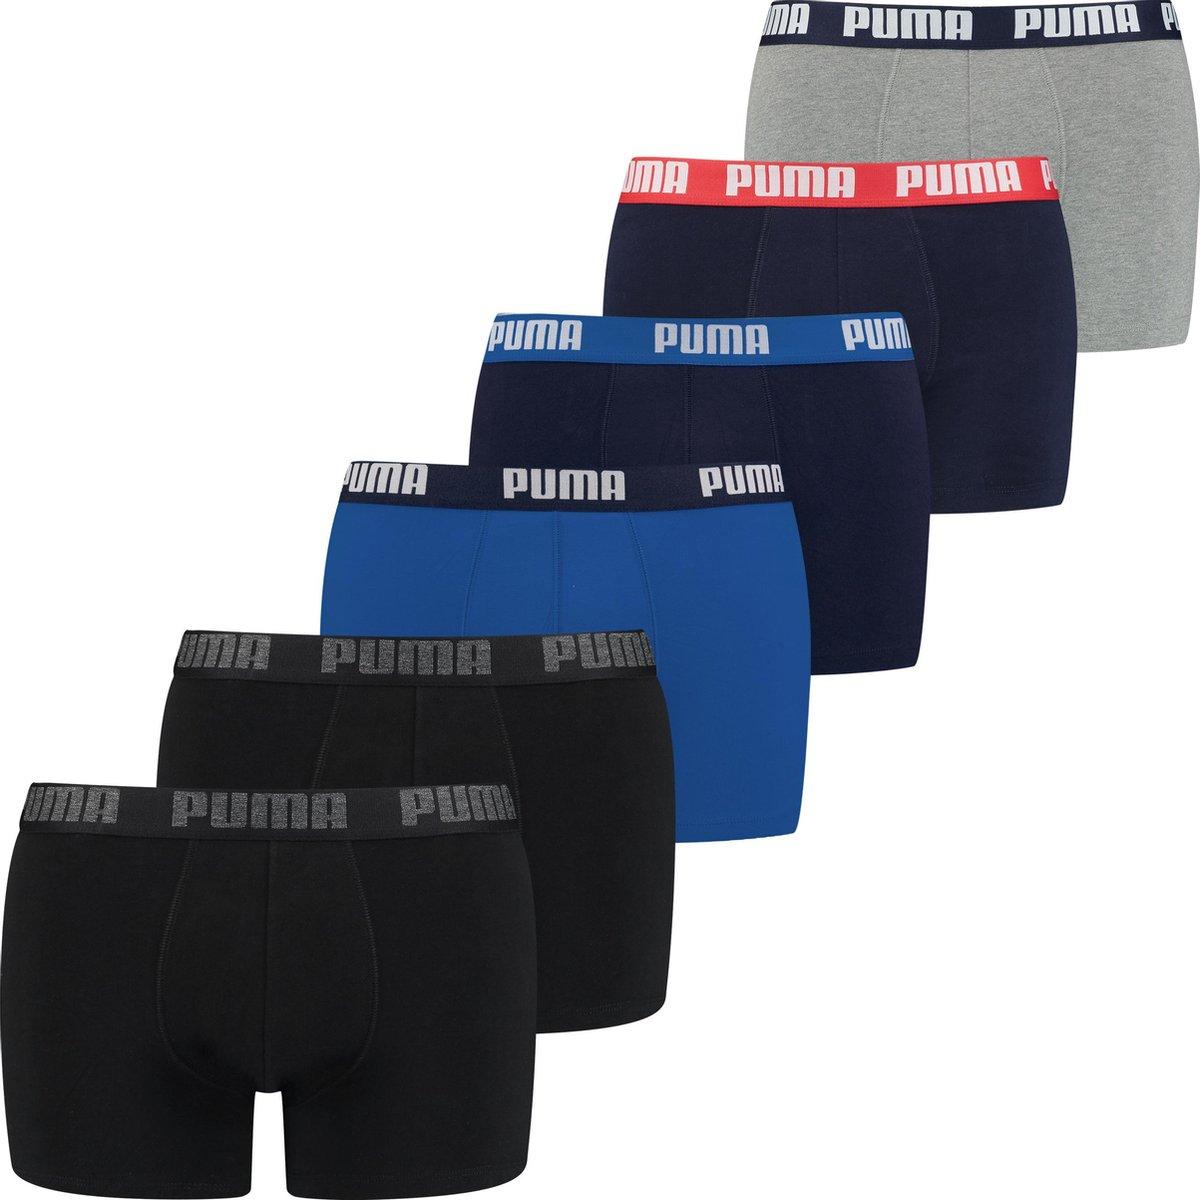 PUMA BASIC BOXER Mannen 6P  - Maat XL